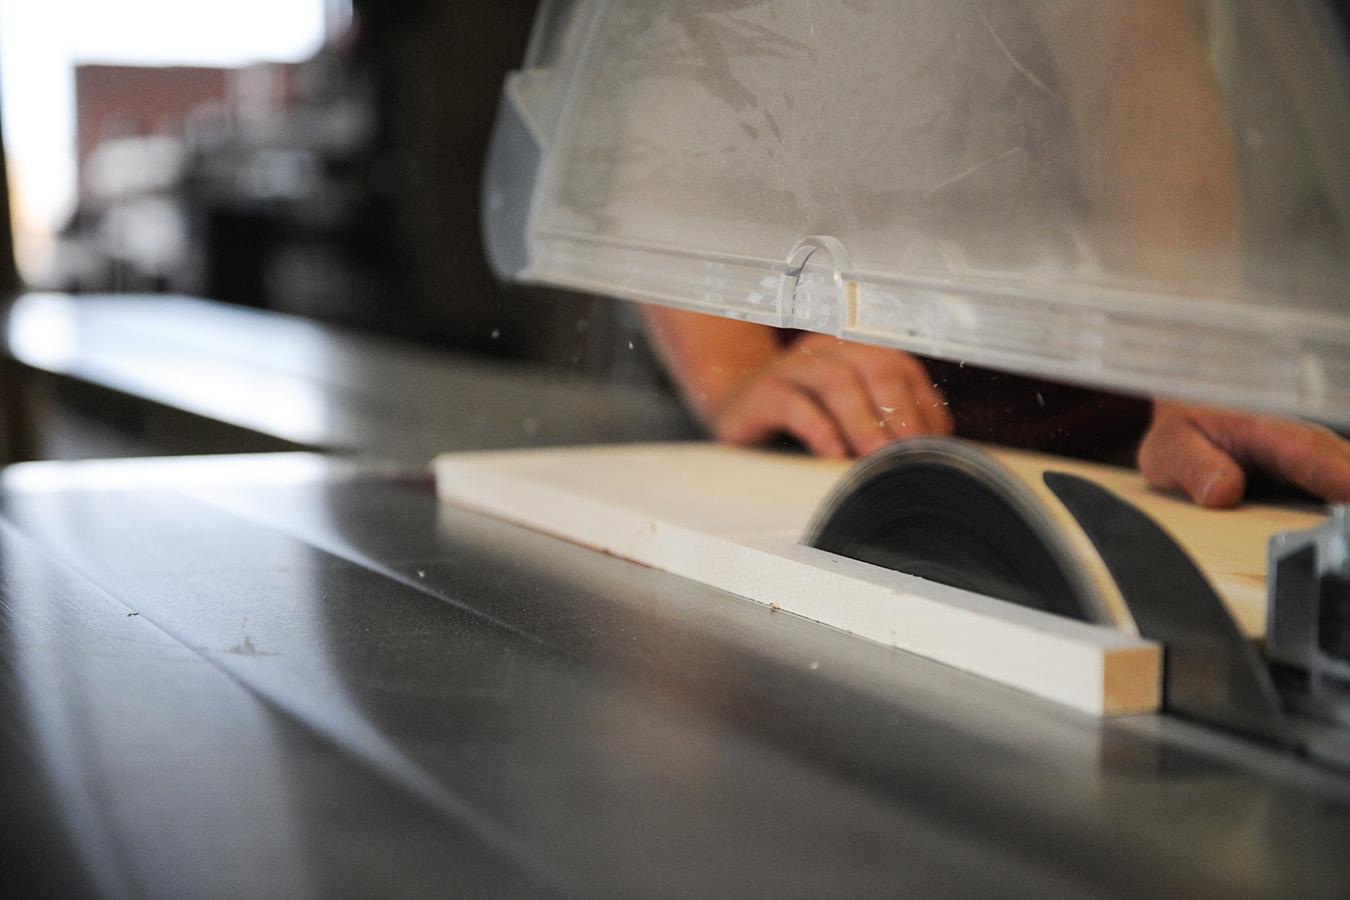 Tischlerei Paderborn tischlerei rüsing paderborn i unser handwerk ist holz